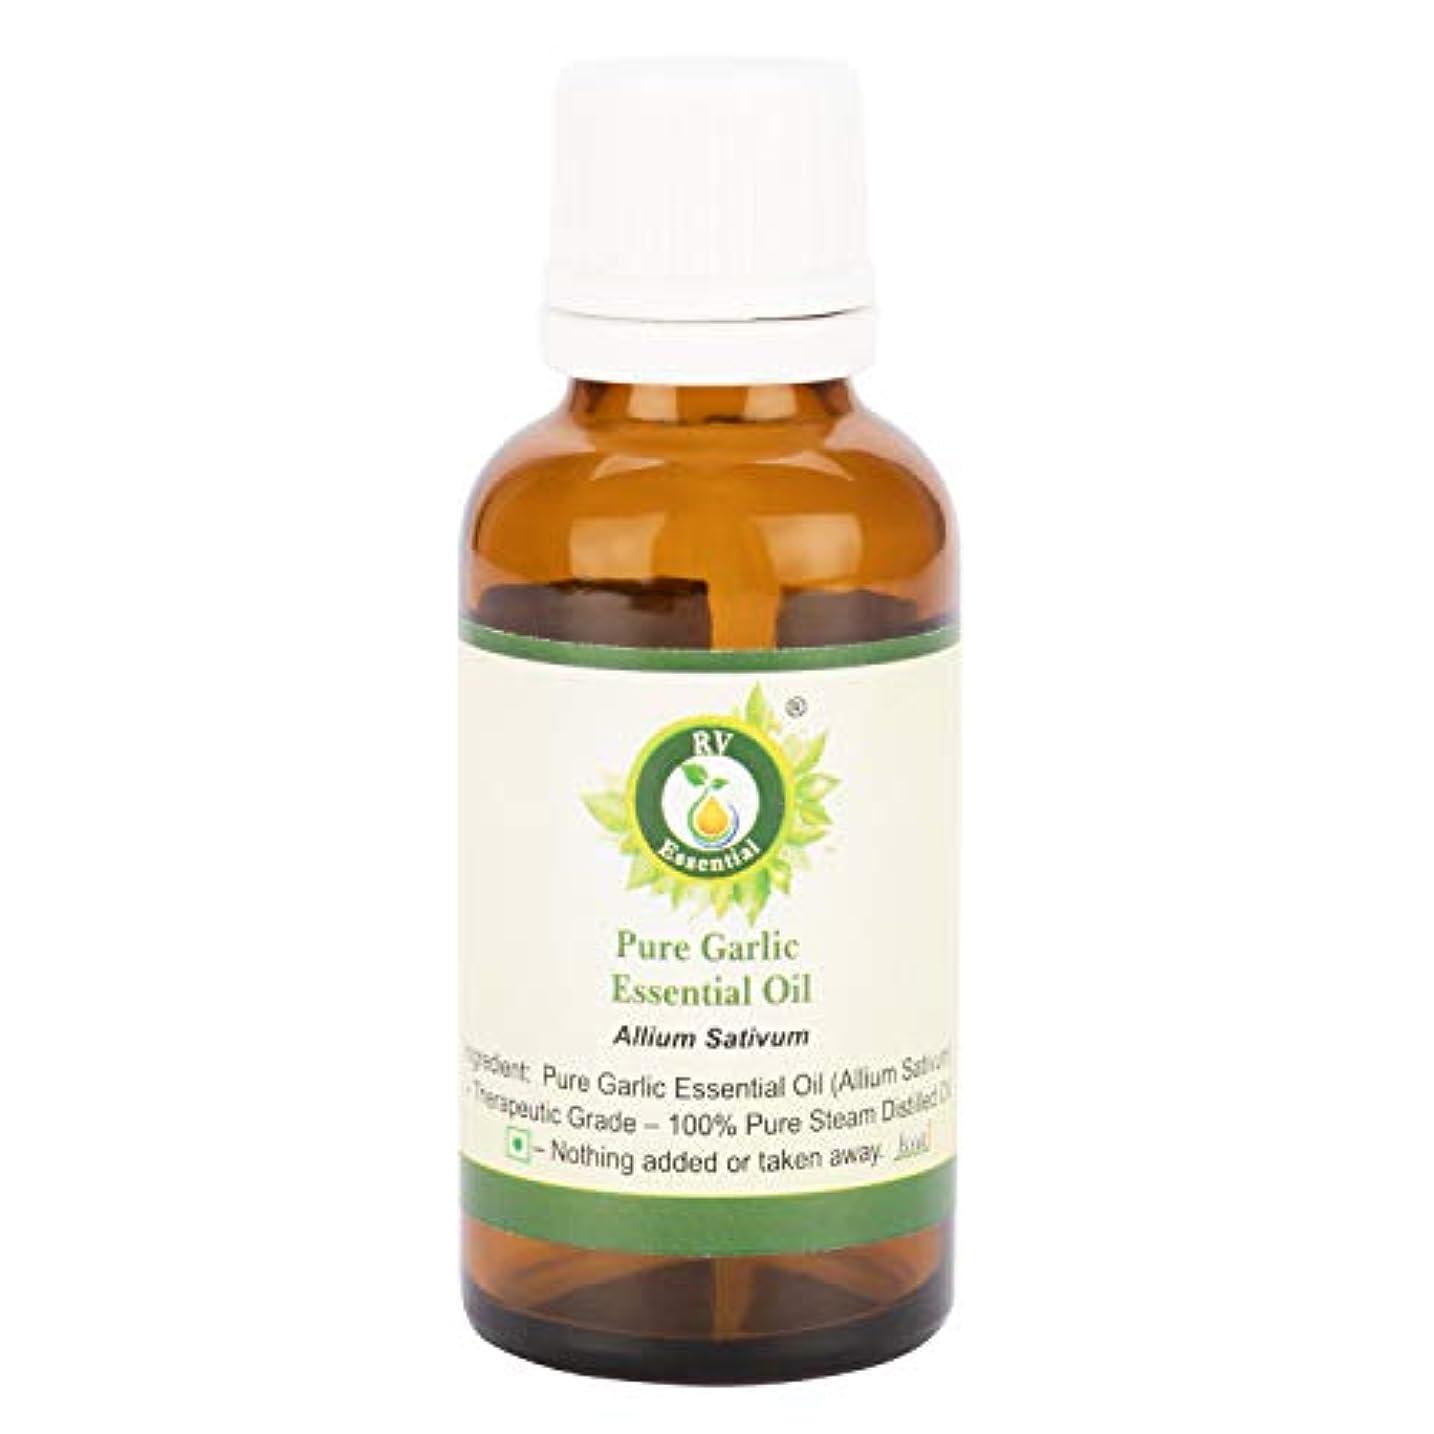 威信起きろかわいらしいピュアニンニクエッセンシャルオイル100ml (3.38oz)- Allium Sativum (100%純粋&天然スチームDistilled) Pure Garlic Essential Oil